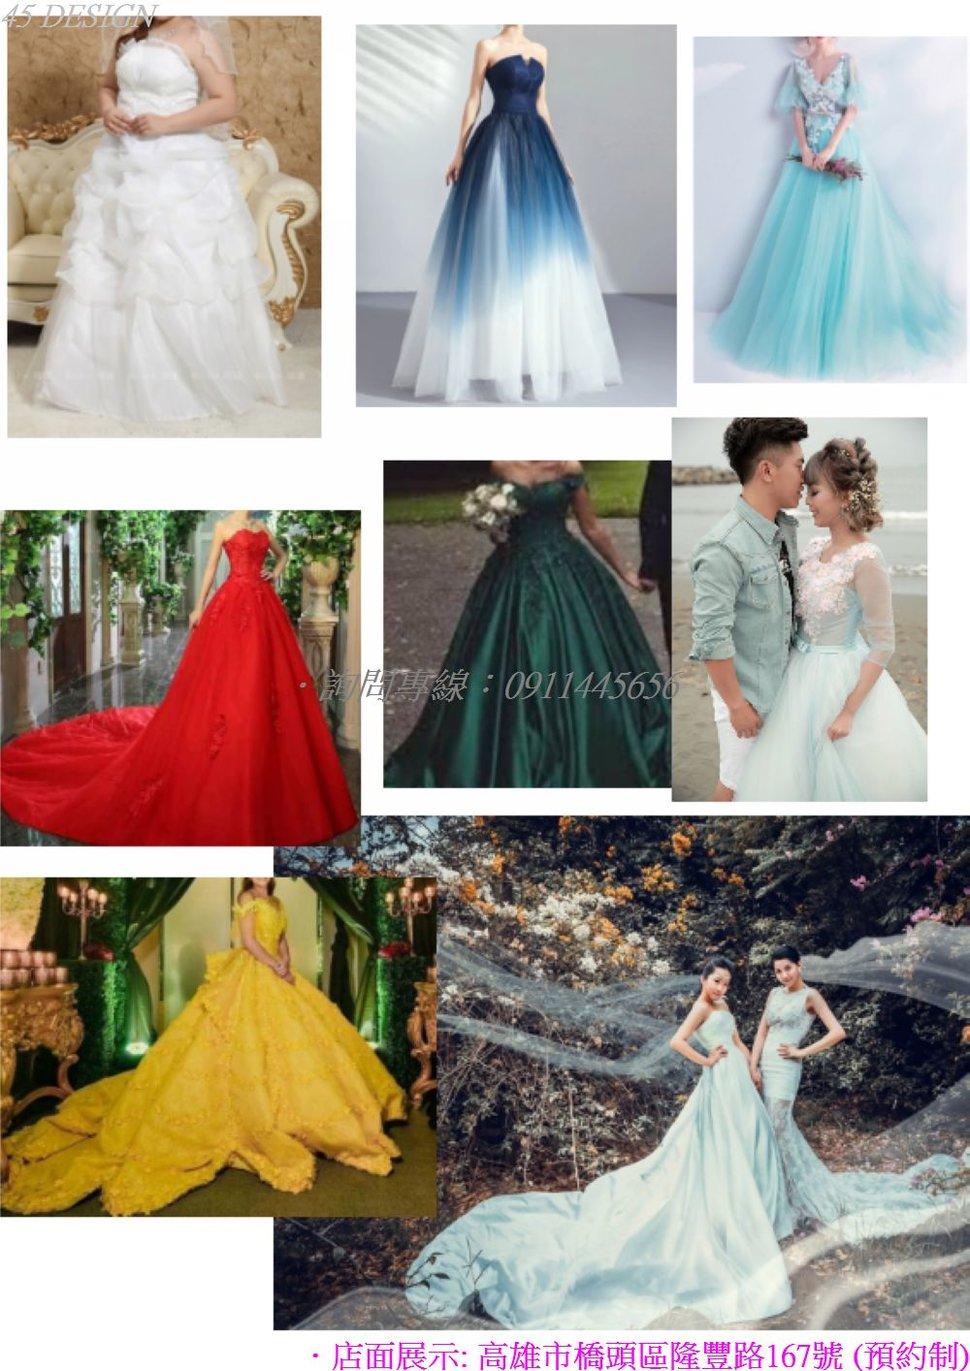 msl190815CC9C2C0F80E54DF8AC194286135F305F - 全台最便宜-45DESIGN四五婚紗禮服《結婚吧》